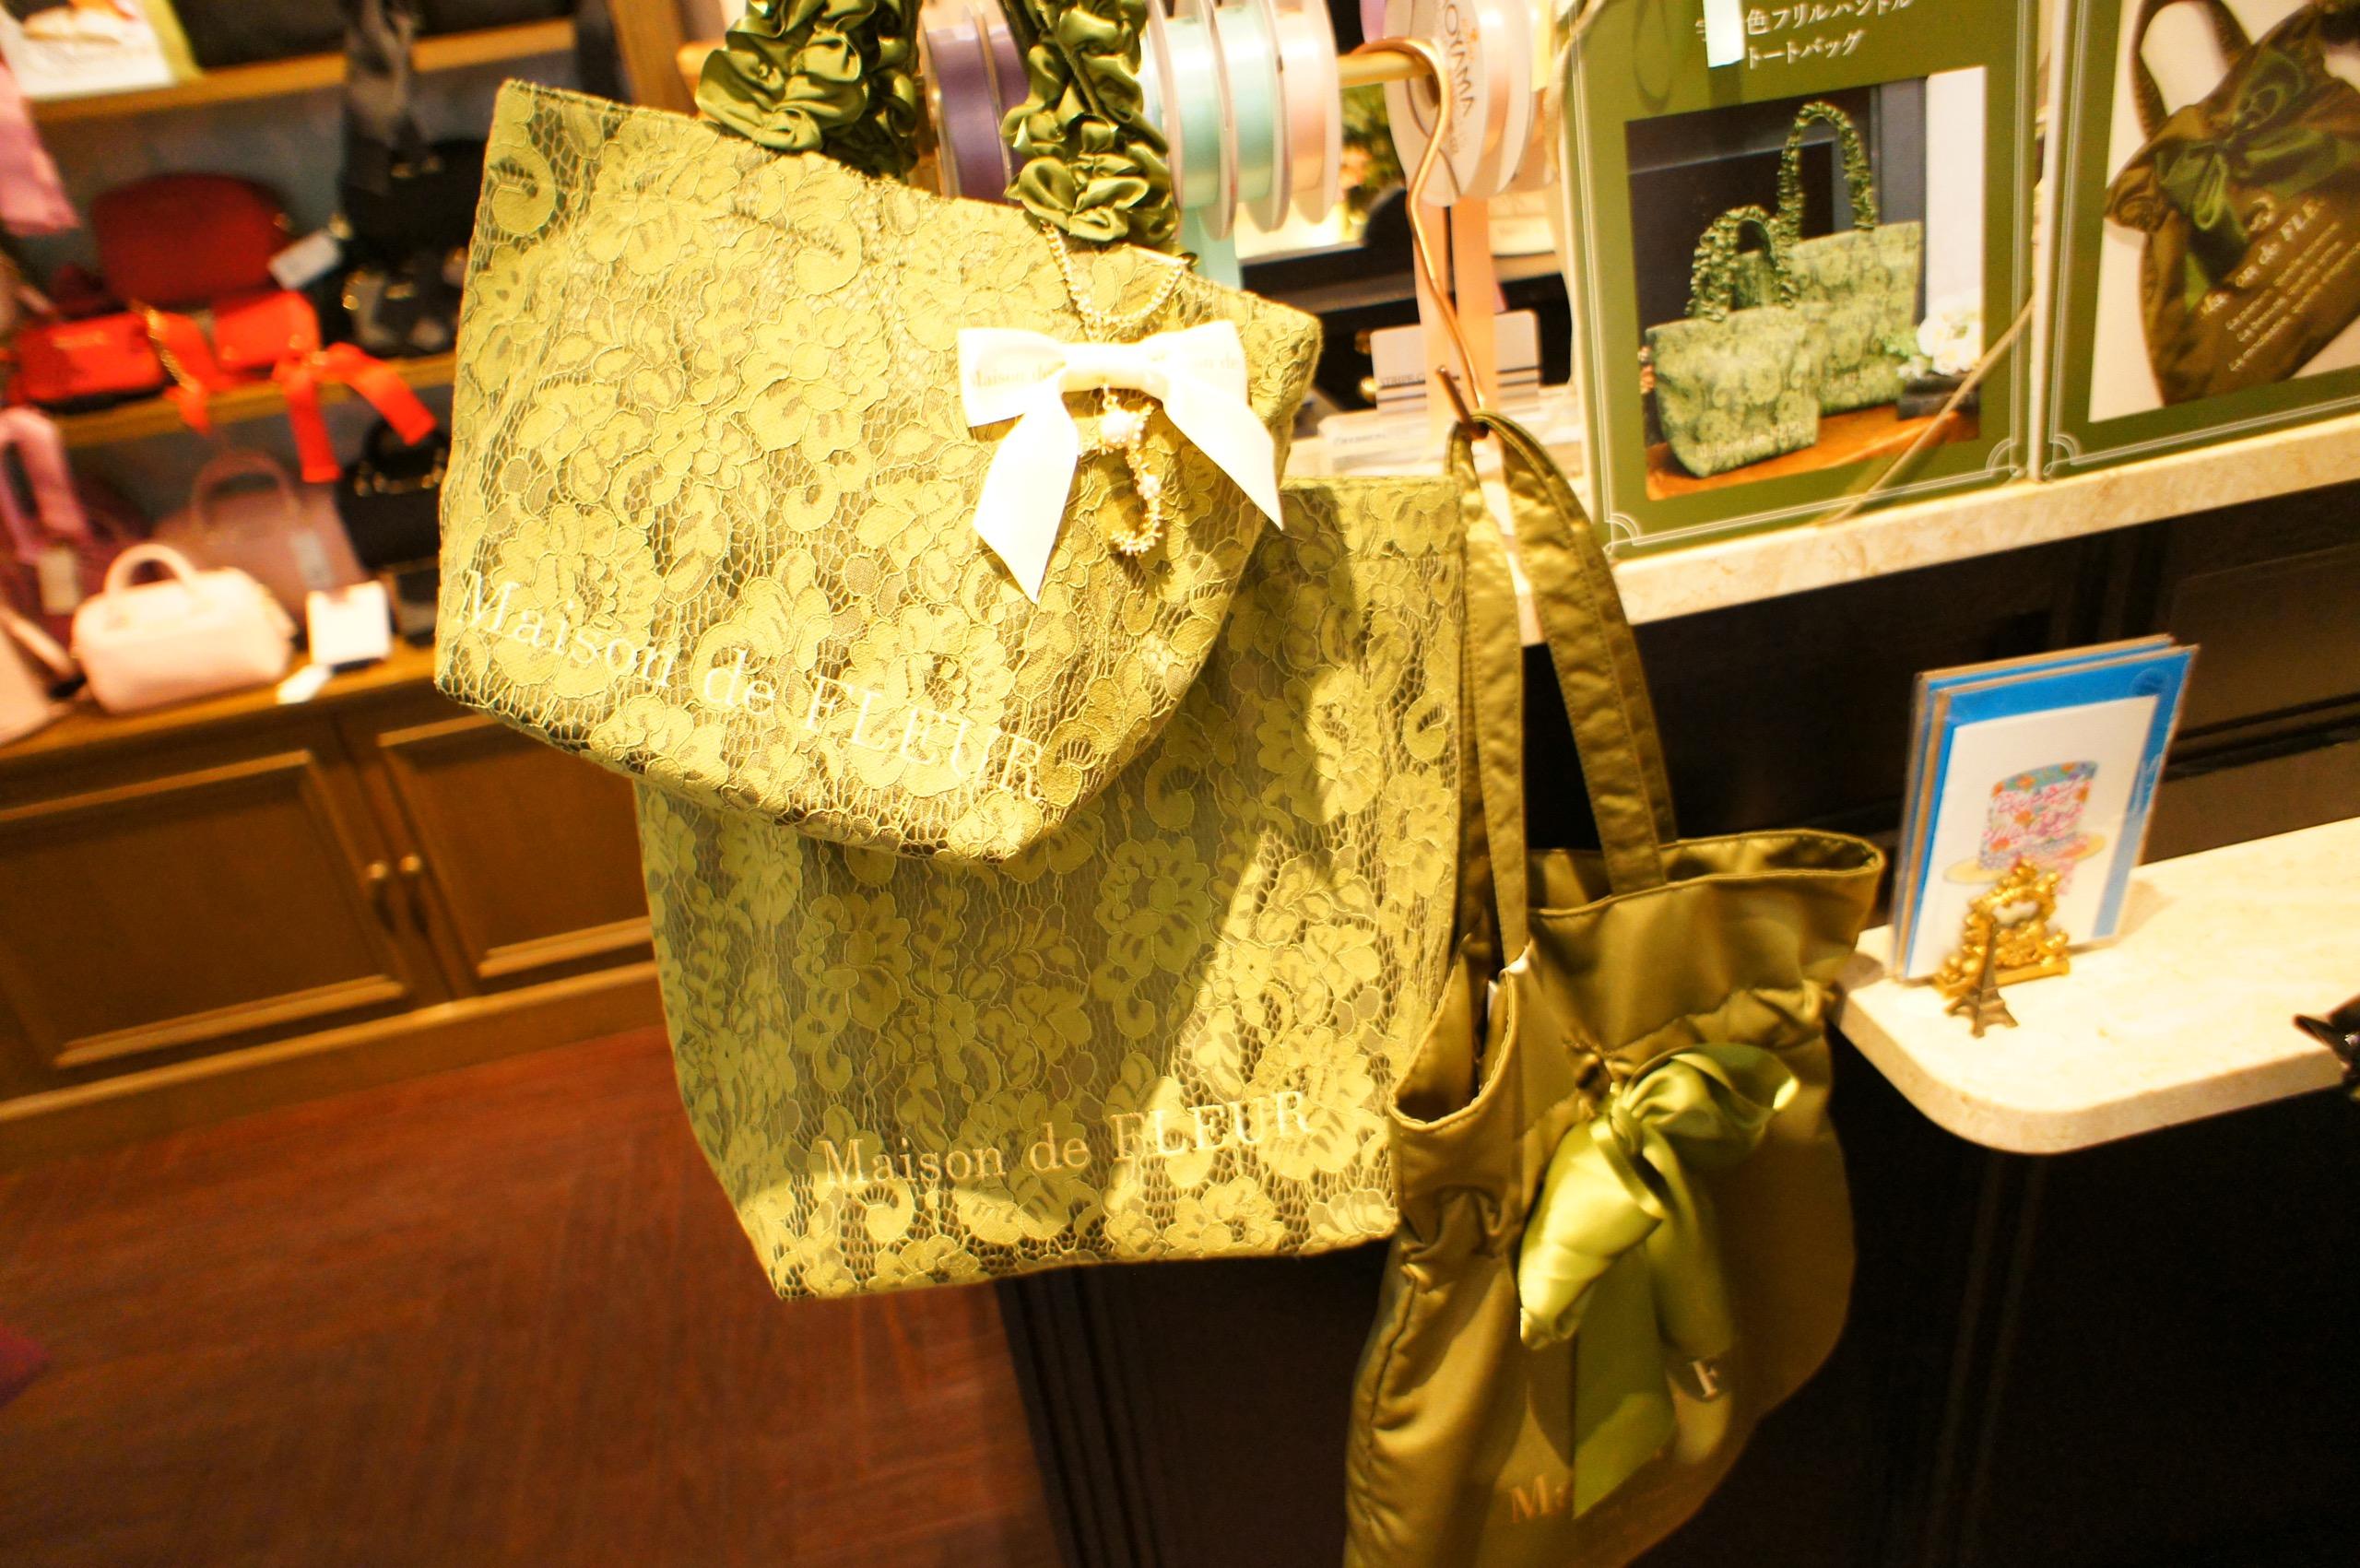 《京都ポルタ限定カラー❤️》【Maison de FLEUR】宇治色フリルハンドルトートバッグがかわいすぎる!_2